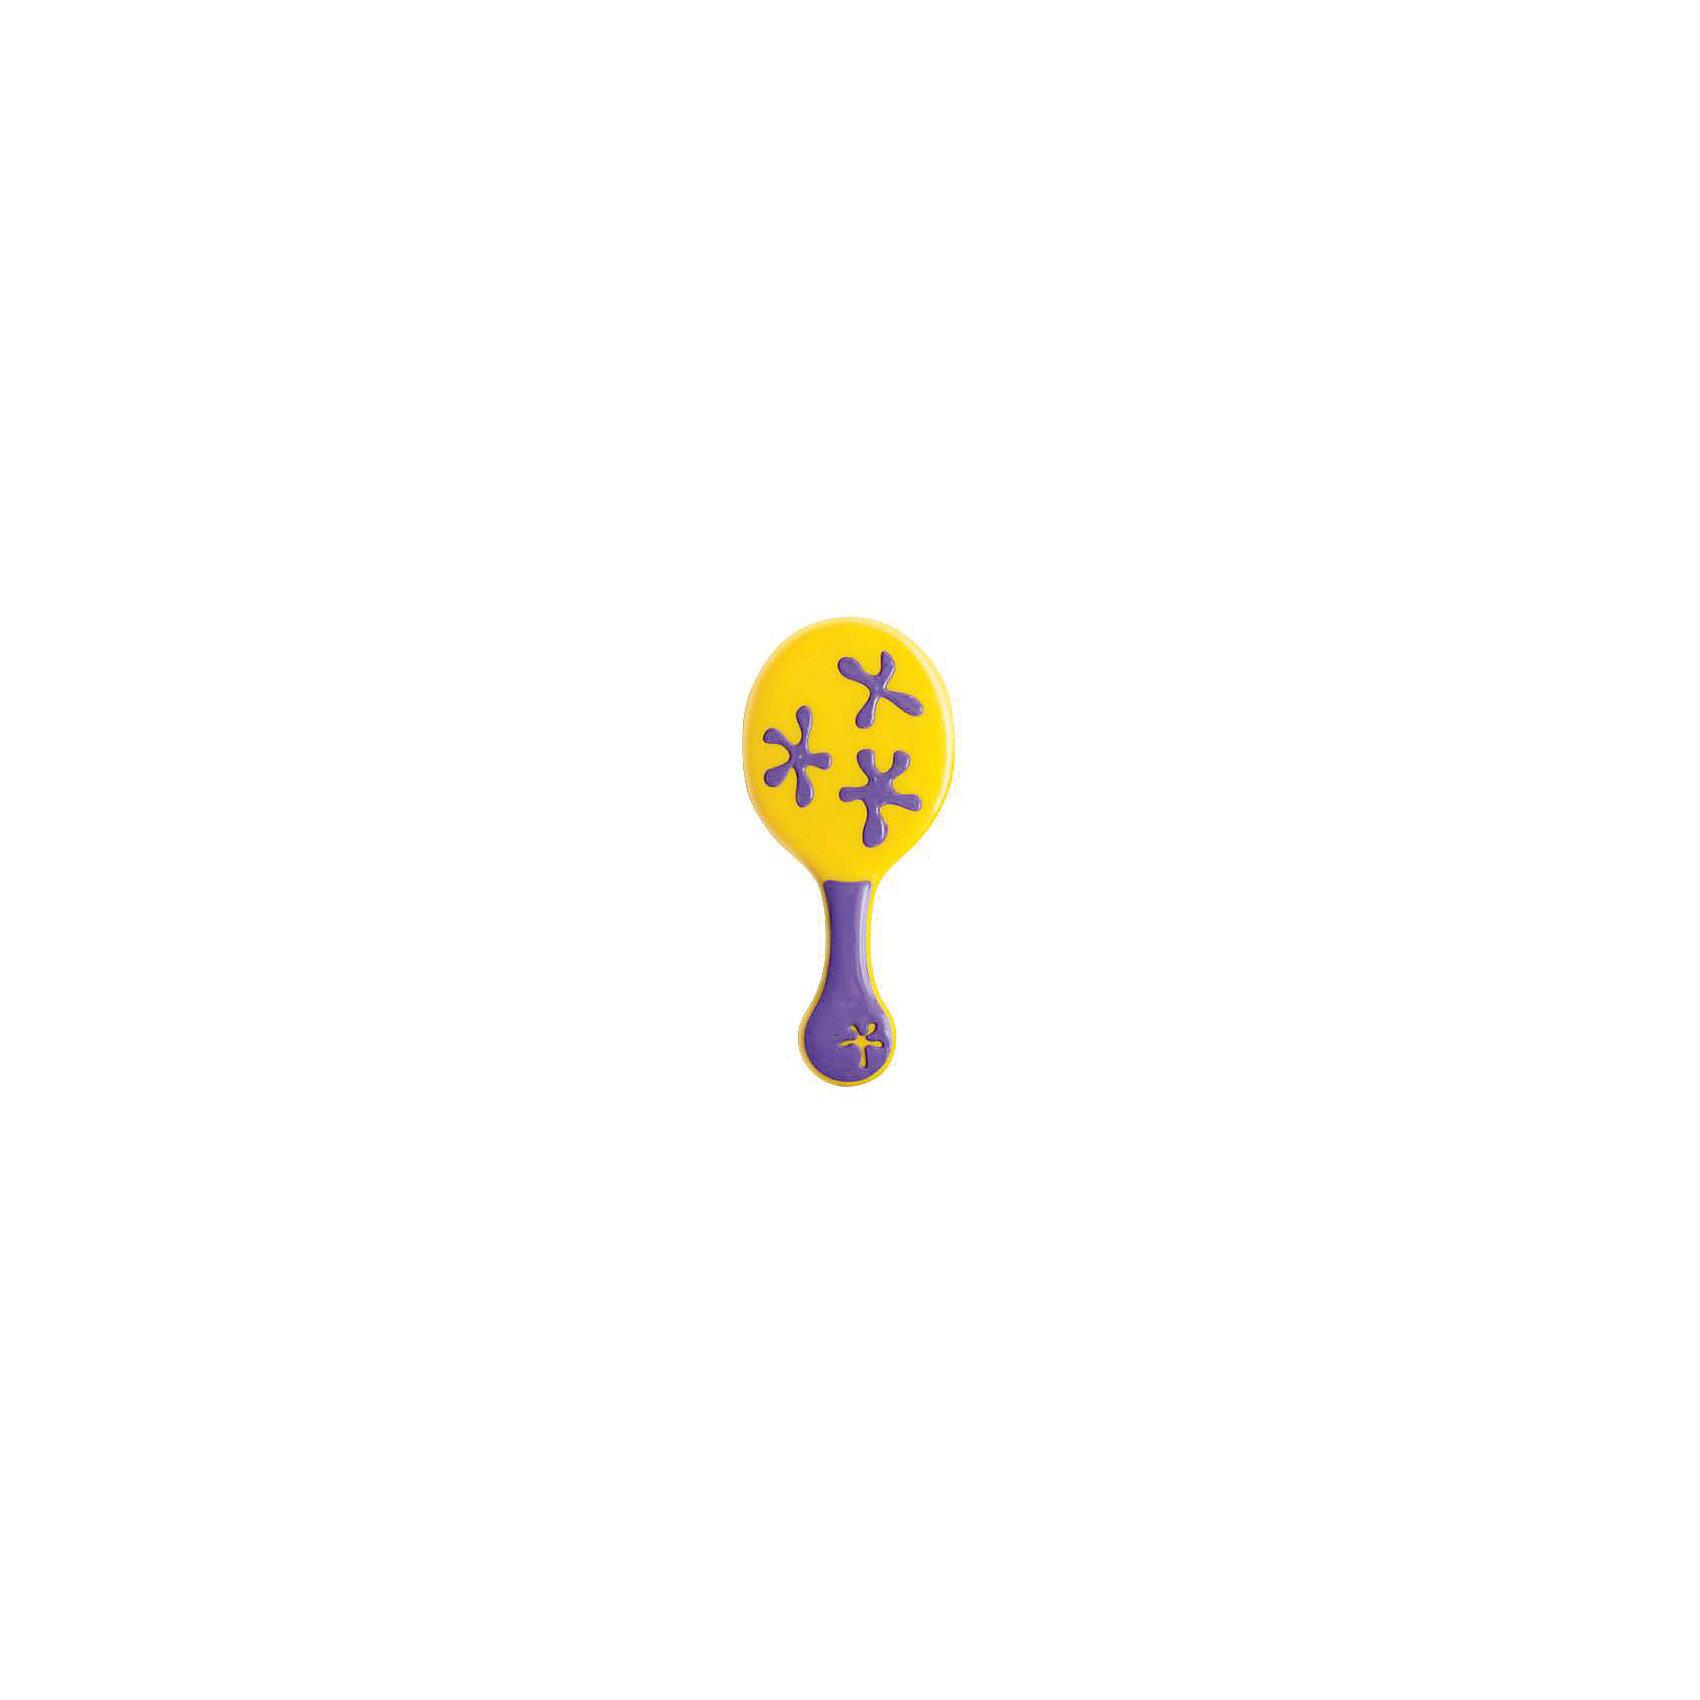 Набор для детей расческа и щетка Звездочки от 0 мес., LUBBY, желтыйУход за ребенком<br>Набор для детей расческа и щетка Звездочки от 0 мес., LUBBY, желтый/фиолетовый.<br><br>Характеристики:<br><br>- В наборе: расческа, щетка<br>- Цвет: желтый, фиолетовый<br>- Материал: полипропилен, безопасный пластик (ABS); щетина – нейлон<br>- Размер упаковки: 125х30х190 мм.<br>- Срок службы: 2 года<br><br>Набор расческа и щетка Звездочки специально разработан для нежного ухода за волосами малыша с первых дней жизни. Щетка с мягкой нейлоновой щетиной мягко массажирует и расчесывает волосы, не электризуя их. Для наиболее комфортного использования предусмотрена удобная эргономичная ручка. Пластиковая расческа-гребень имеет закругленные концы, не повреждающие нежную чувствительную кожу головы малыша. Удобный, надёжный, яркий и абсолютно безопасный набор станет незаменимым в повседневном уходе за малышом.<br><br>Набор для детей расческа и щетка Звездочки от 0 мес., LUBBY, желтый/фиолетовый можно купить в нашем интернет-магазине.<br><br>Ширина мм: 125<br>Глубина мм: 30<br>Высота мм: 190<br>Вес г: 350<br>Возраст от месяцев: 0<br>Возраст до месяцев: 18<br>Пол: Унисекс<br>Возраст: Детский<br>SKU: 5039265